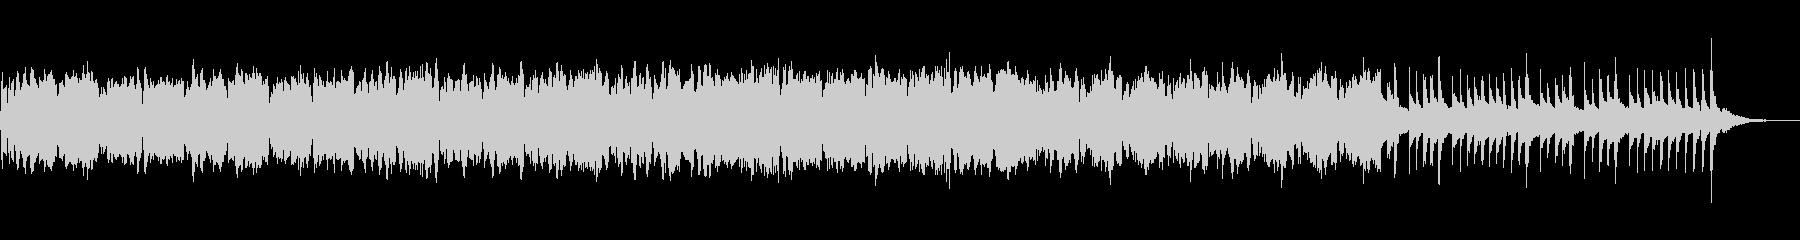 アコーディオンとオケのゆったり音楽の未再生の波形